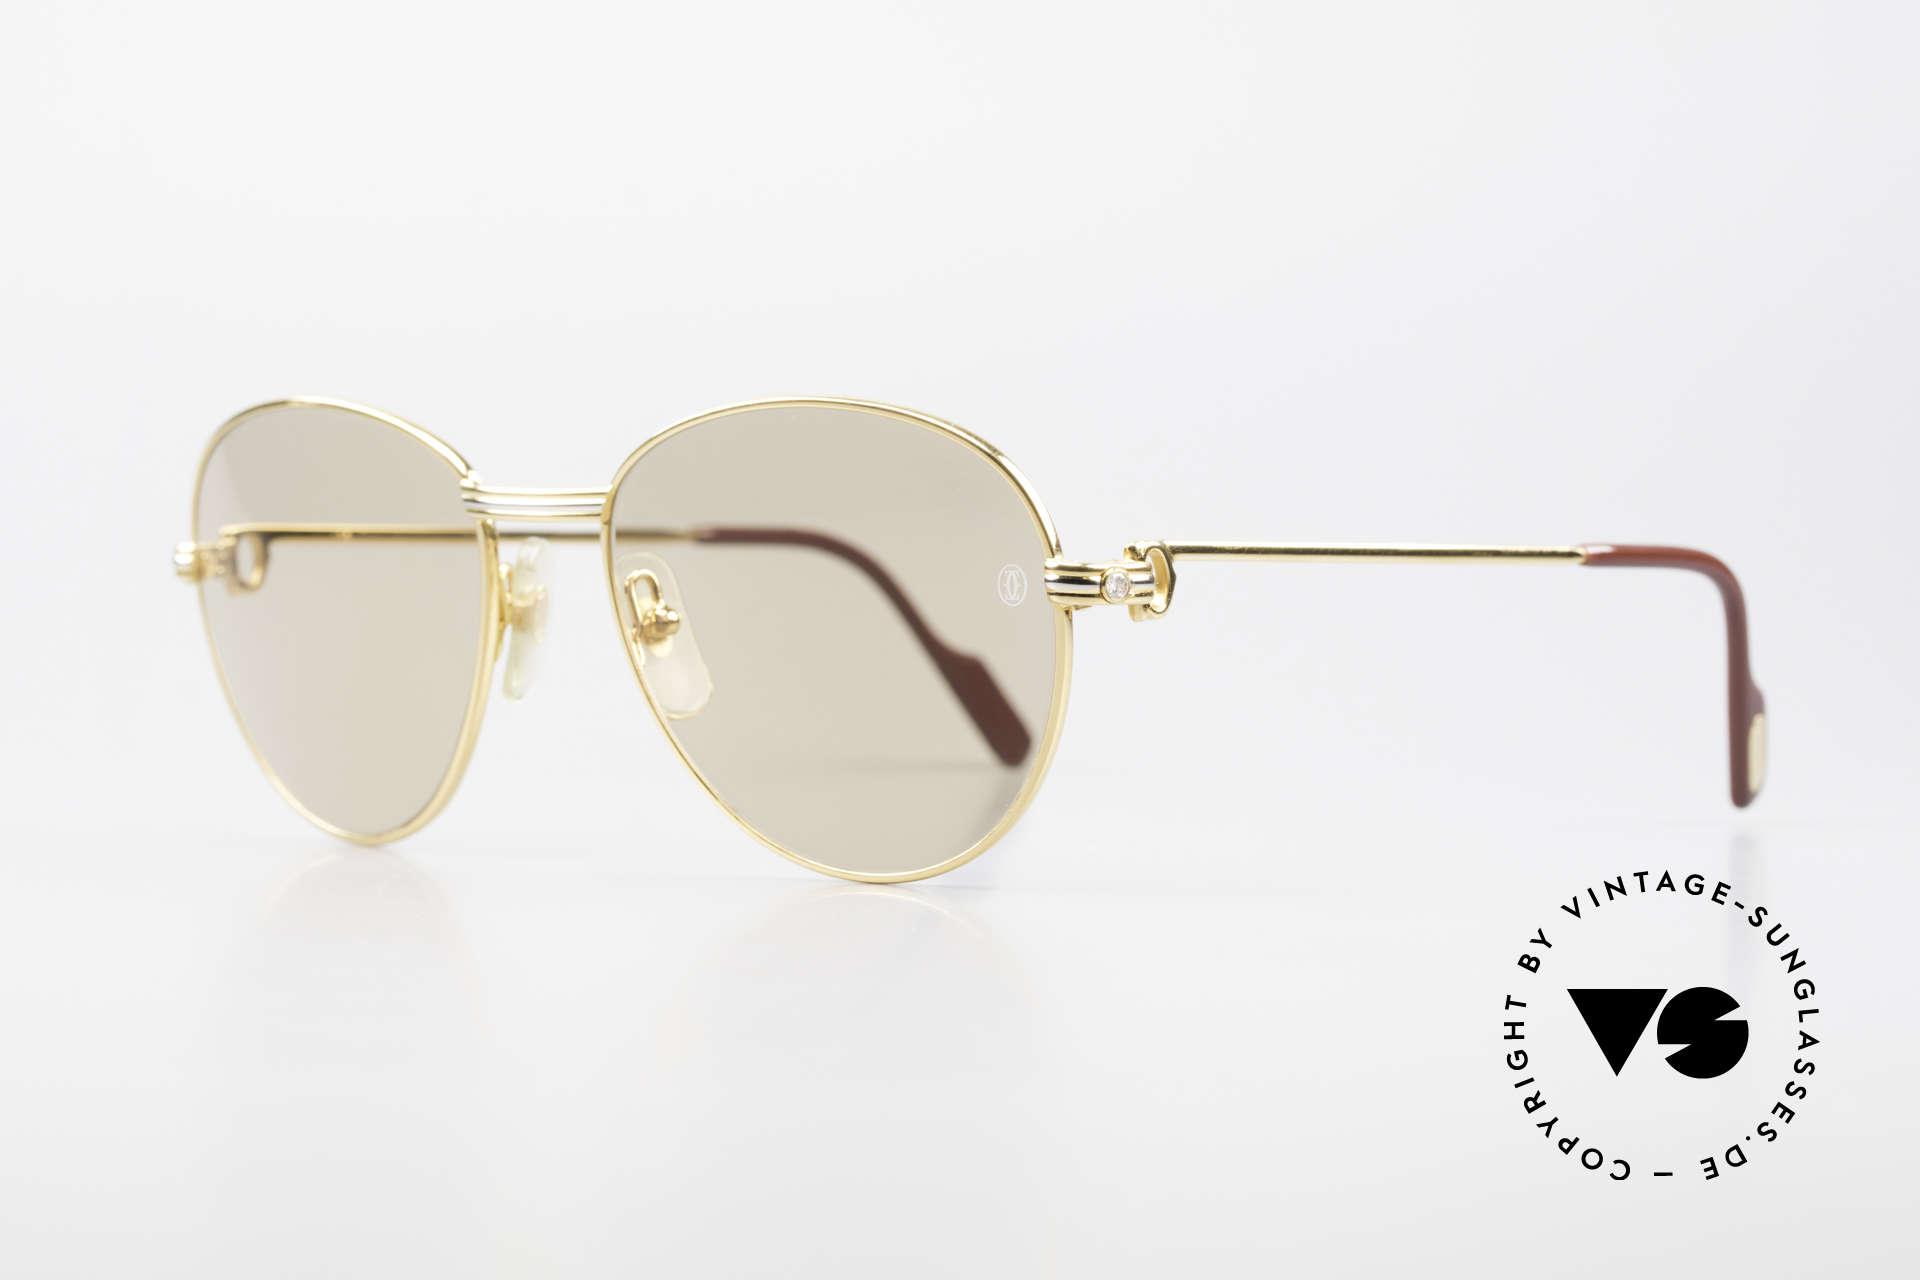 Cartier S Brillants 0,20 ct 80er Diamanten Sonnenbrille, mit echten Diamanten als Bügeldekor (insg. 0,2ct), Passend für Damen